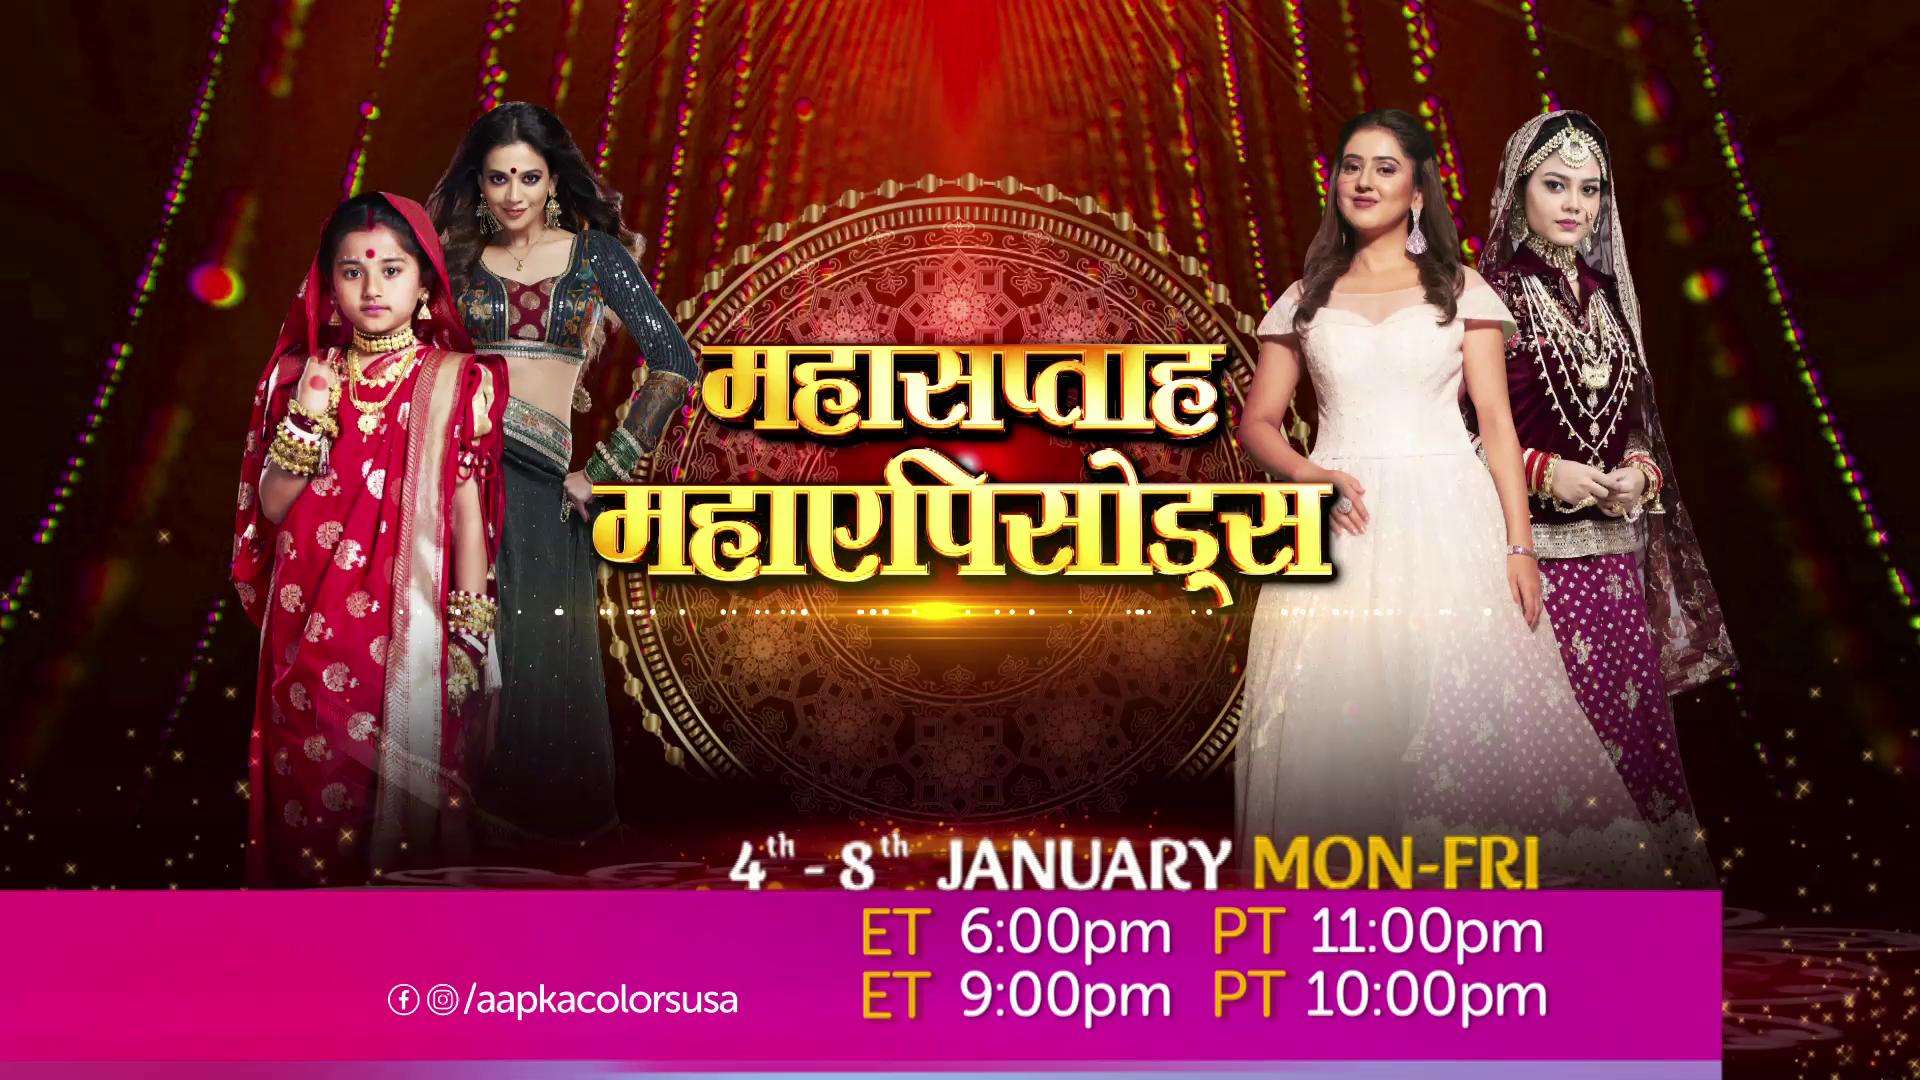 Maha Saptaah Maha Episode 4 Jan-8 Jan Mon-Fri on Aapka Colors